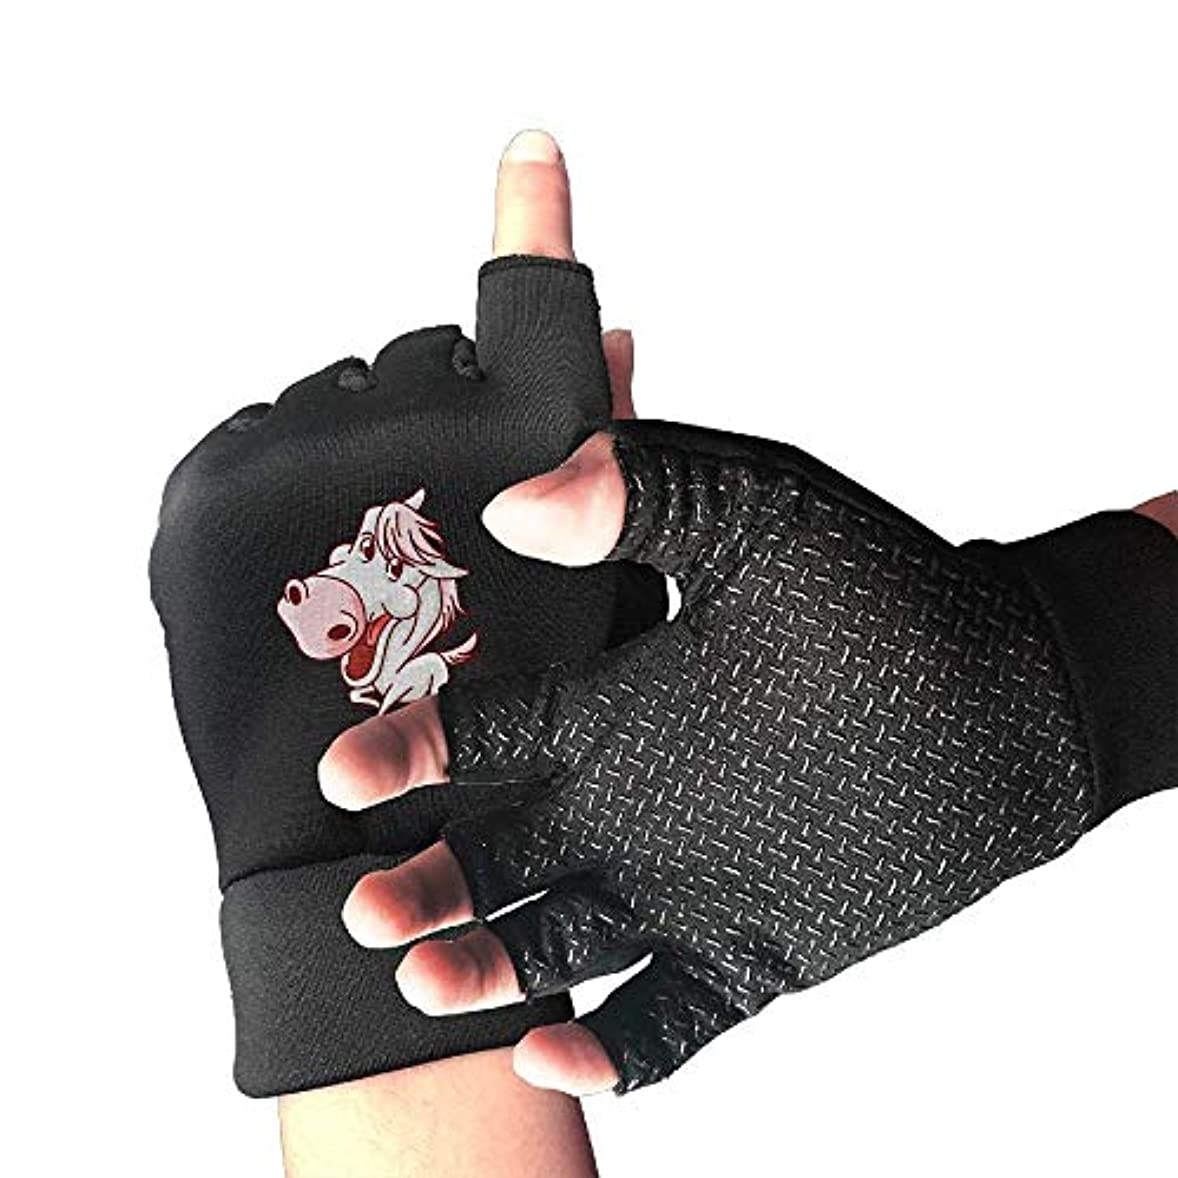 従順お互い悪夢Cycling Gloves White Horse with Pink Hair Men's/Women's Mountain Bike Gloves Half Finger Anti-Slip Motorcycle...